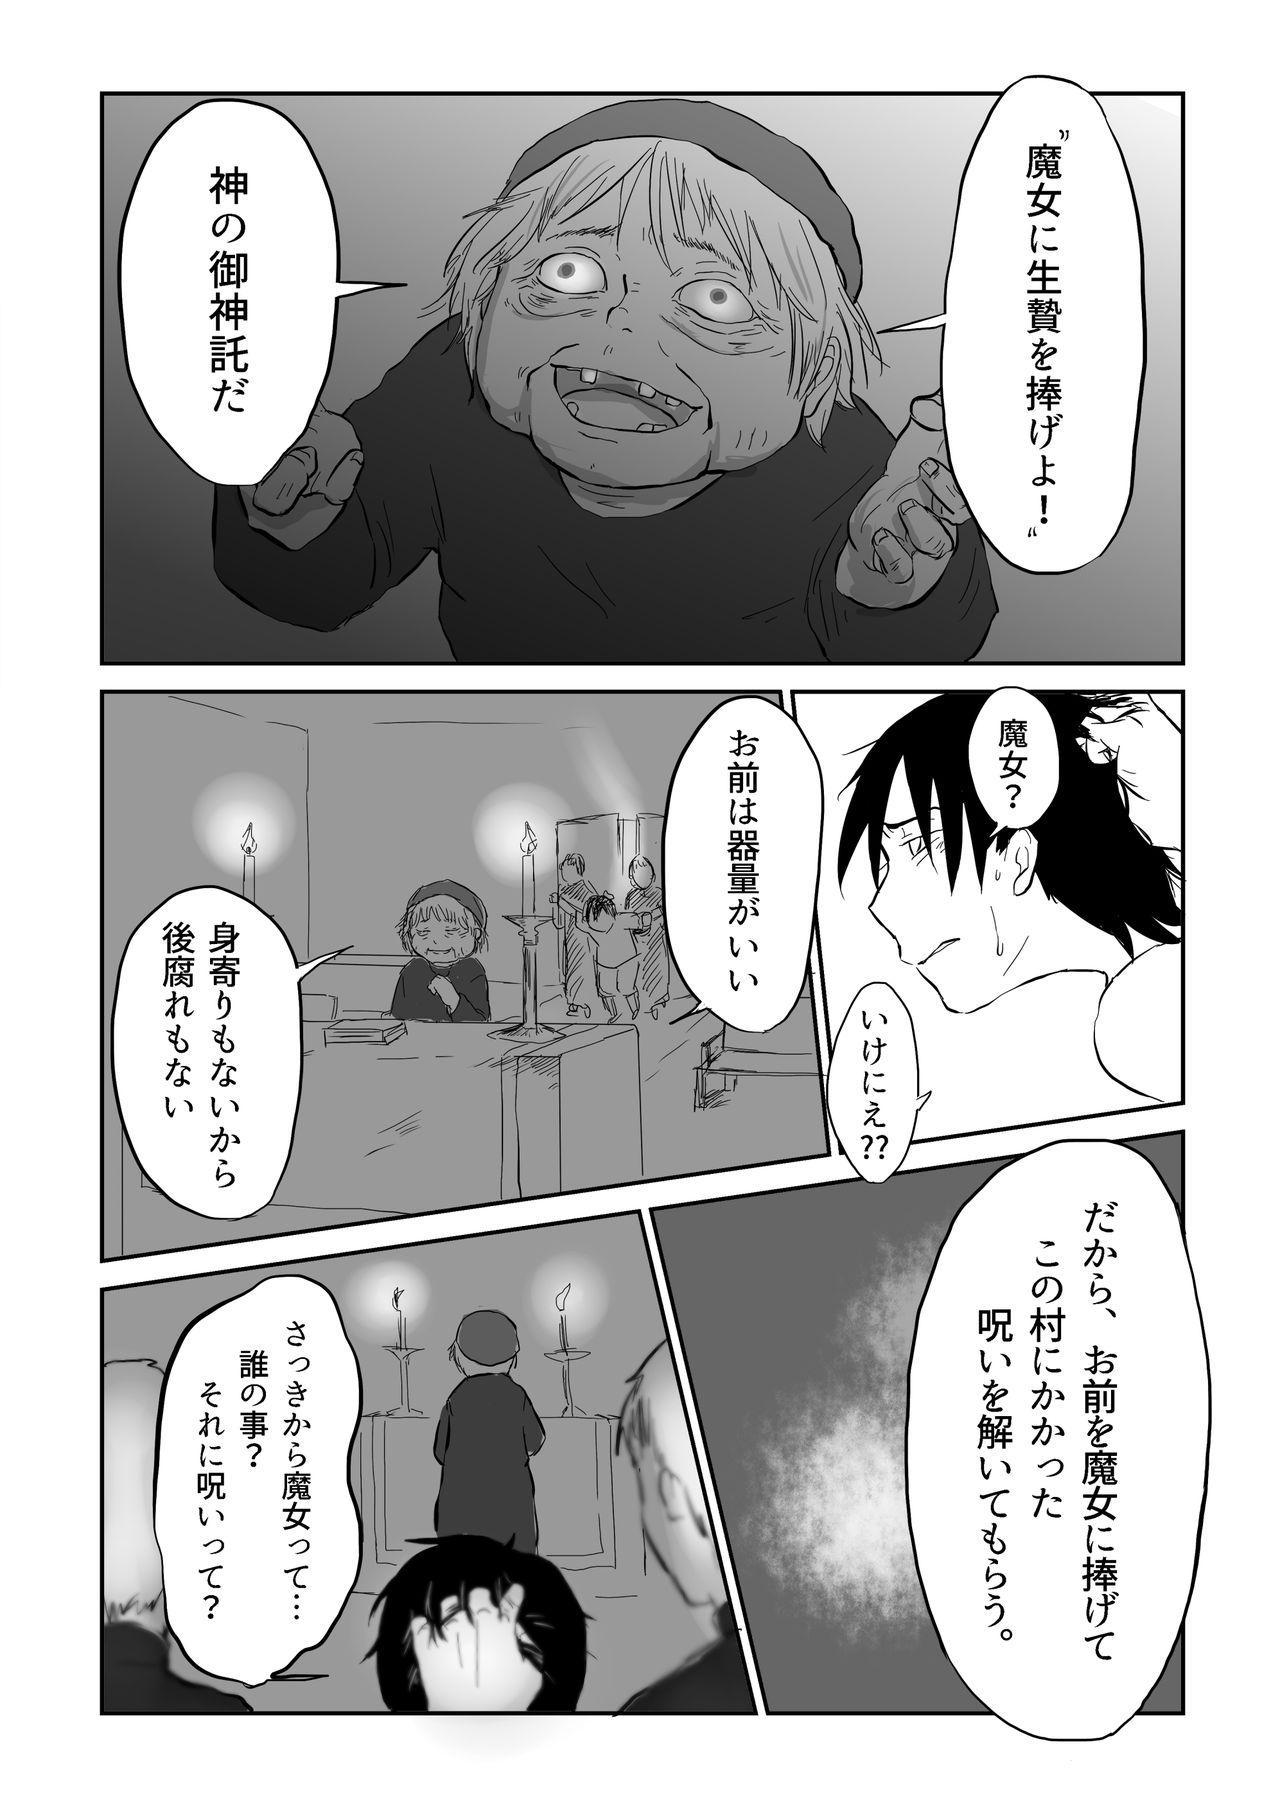 Igyou no Majo 138